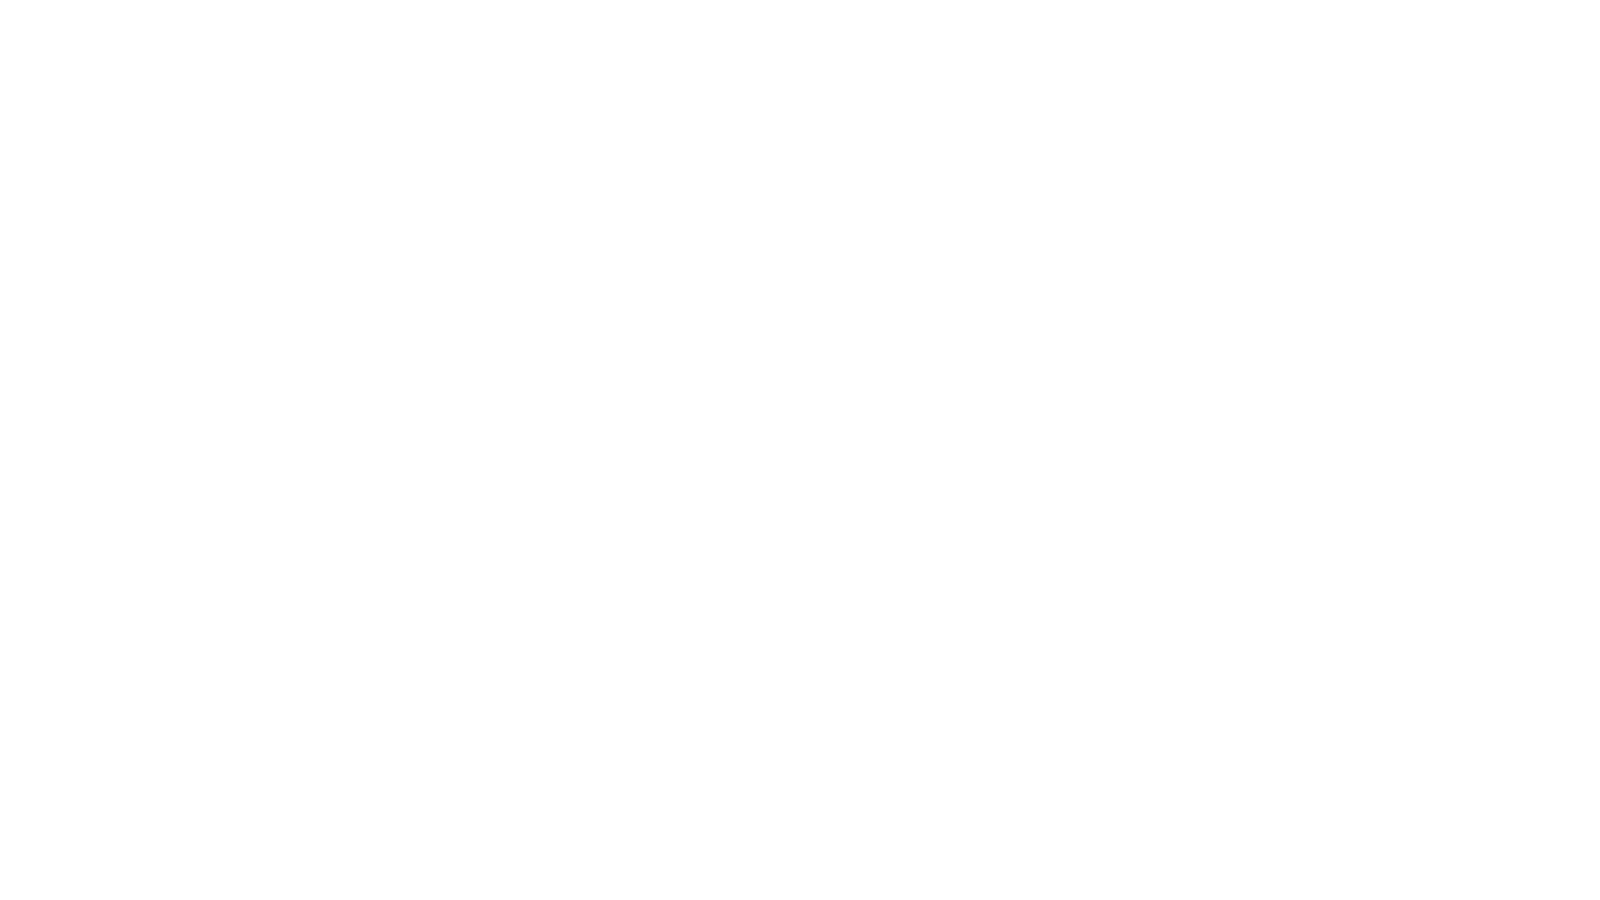 Olá! Somos a Bia e o Vino e estamos nesse momento fazendo um intercâmbio voluntário na Inglaterra! Legal, né? Vamos compartilhar toda a experiência que estamos tendo aqui no canal e no nosso blog:  ⭐ https://projetoexplore.world/blog/ ⭐  00:00 Introdução  00:42 Passo 4: Entrevista com o patrocinador 06:14 Passo 5: Aplicação do visto + dicas 29:46 Finalizando a parte II Continua no próximo vídeo...   ⭐ Link que citamos no vídeo: - Tudo sobre o nosso Intercâmbio Voluntário - Temporary Worker (antigo Tier 5): https://www.gov.uk/temporary-worker-charity-worker-visa  ❤️ Nos acompanhe também no nosso Instagram: https://www.instagram.com/projeto.explore/  💌 E-mail: contato@projetoexplore.world  🎵 Song: Freedom - Atch https://soundcloud.com/atch-music Creative Commons — Attribution 3.0 Unported — CC BY 3.0 Free Download / Stream: https://bit.ly/al-freedom Music promoted by Audio Library https://youtu.be/whLknQE4tSU  #IntercambioVoluntario #Tier5 #TemporaryWorker #IntercambioVoluntarioReinoUnido #IntercambioVoluntarioInglaterra